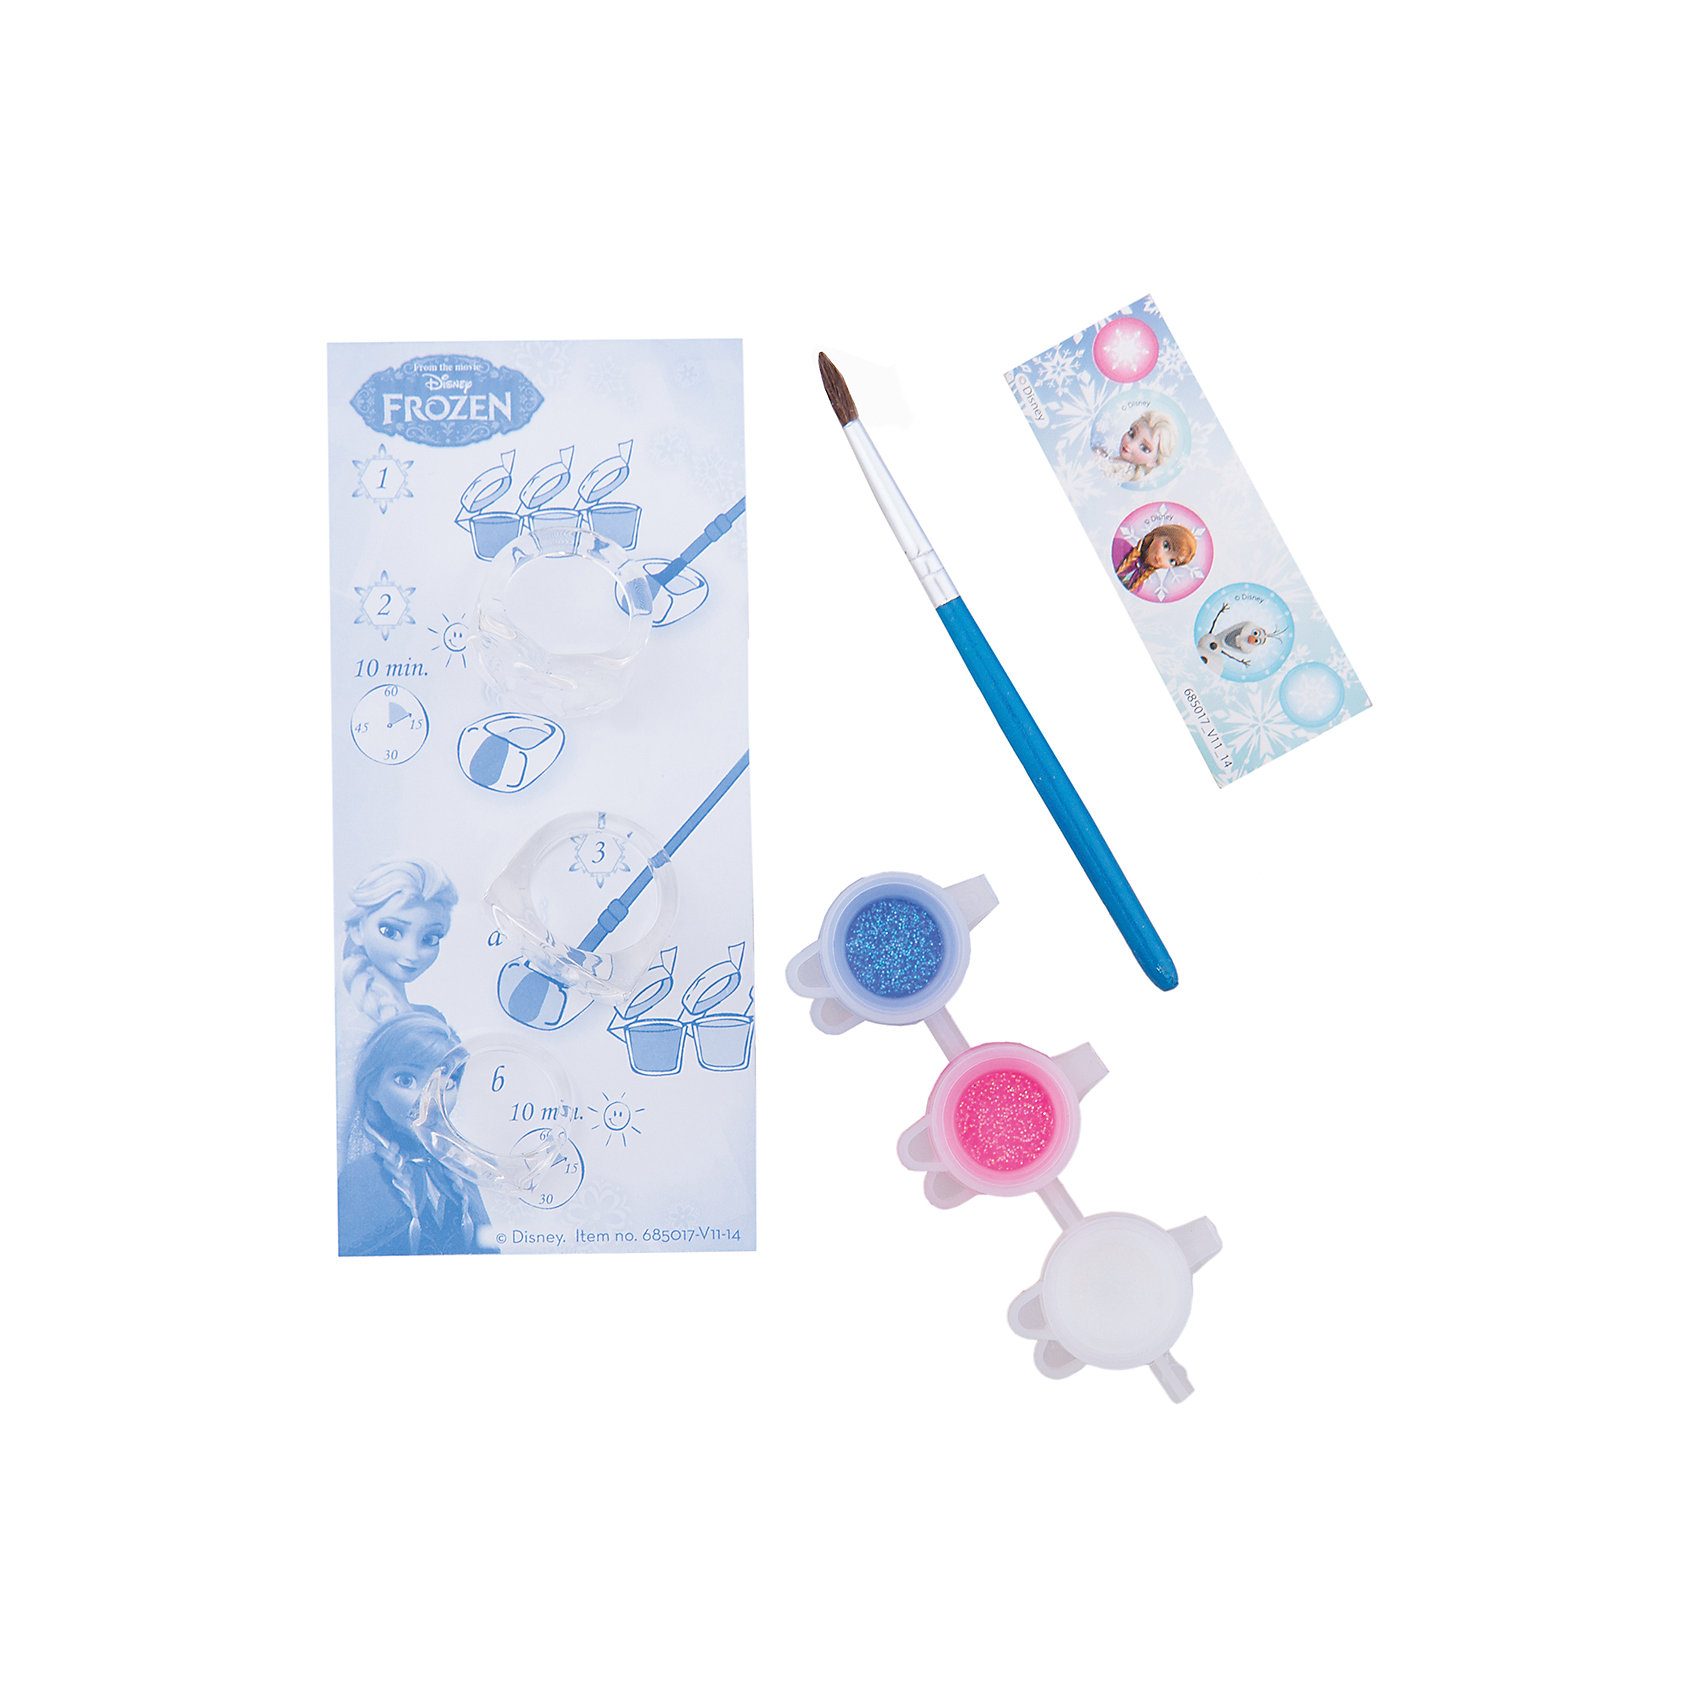 Набор для творчества FROZEN MINI CRYSTAL ICE RINGSПоследняя цена<br>Характеристики набора для творчества Frozen Mini Crystal Ice Rings :<br><br>• возраст от 3 лет до 7 лет<br>• размер упаковки: 130x60x35 мм<br>• вес:28 г<br>• производитель: Totum<br><br>С помощью этого набора Вы и Ваш ребенок сможете создать 3 восхитительных, модных колечка, которые можно раскрасить по своему вкусу разноцветными, яркими красками. В комплект входит: 3 прозрачных колечка, кисть, краски (3 цвета), набор наклеек Frozen, пошаговая инструкция.<br><br>Набора для творчества Frozen Mini Crystal Ice Rings можно купить в нашем интернет-магазине.<br><br>Ширина мм: 30<br>Глубина мм: 130<br>Высота мм: 60<br>Вес г: 45<br>Возраст от месяцев: 36<br>Возраст до месяцев: 84<br>Пол: Женский<br>Возраст: Детский<br>SKU: 5032619